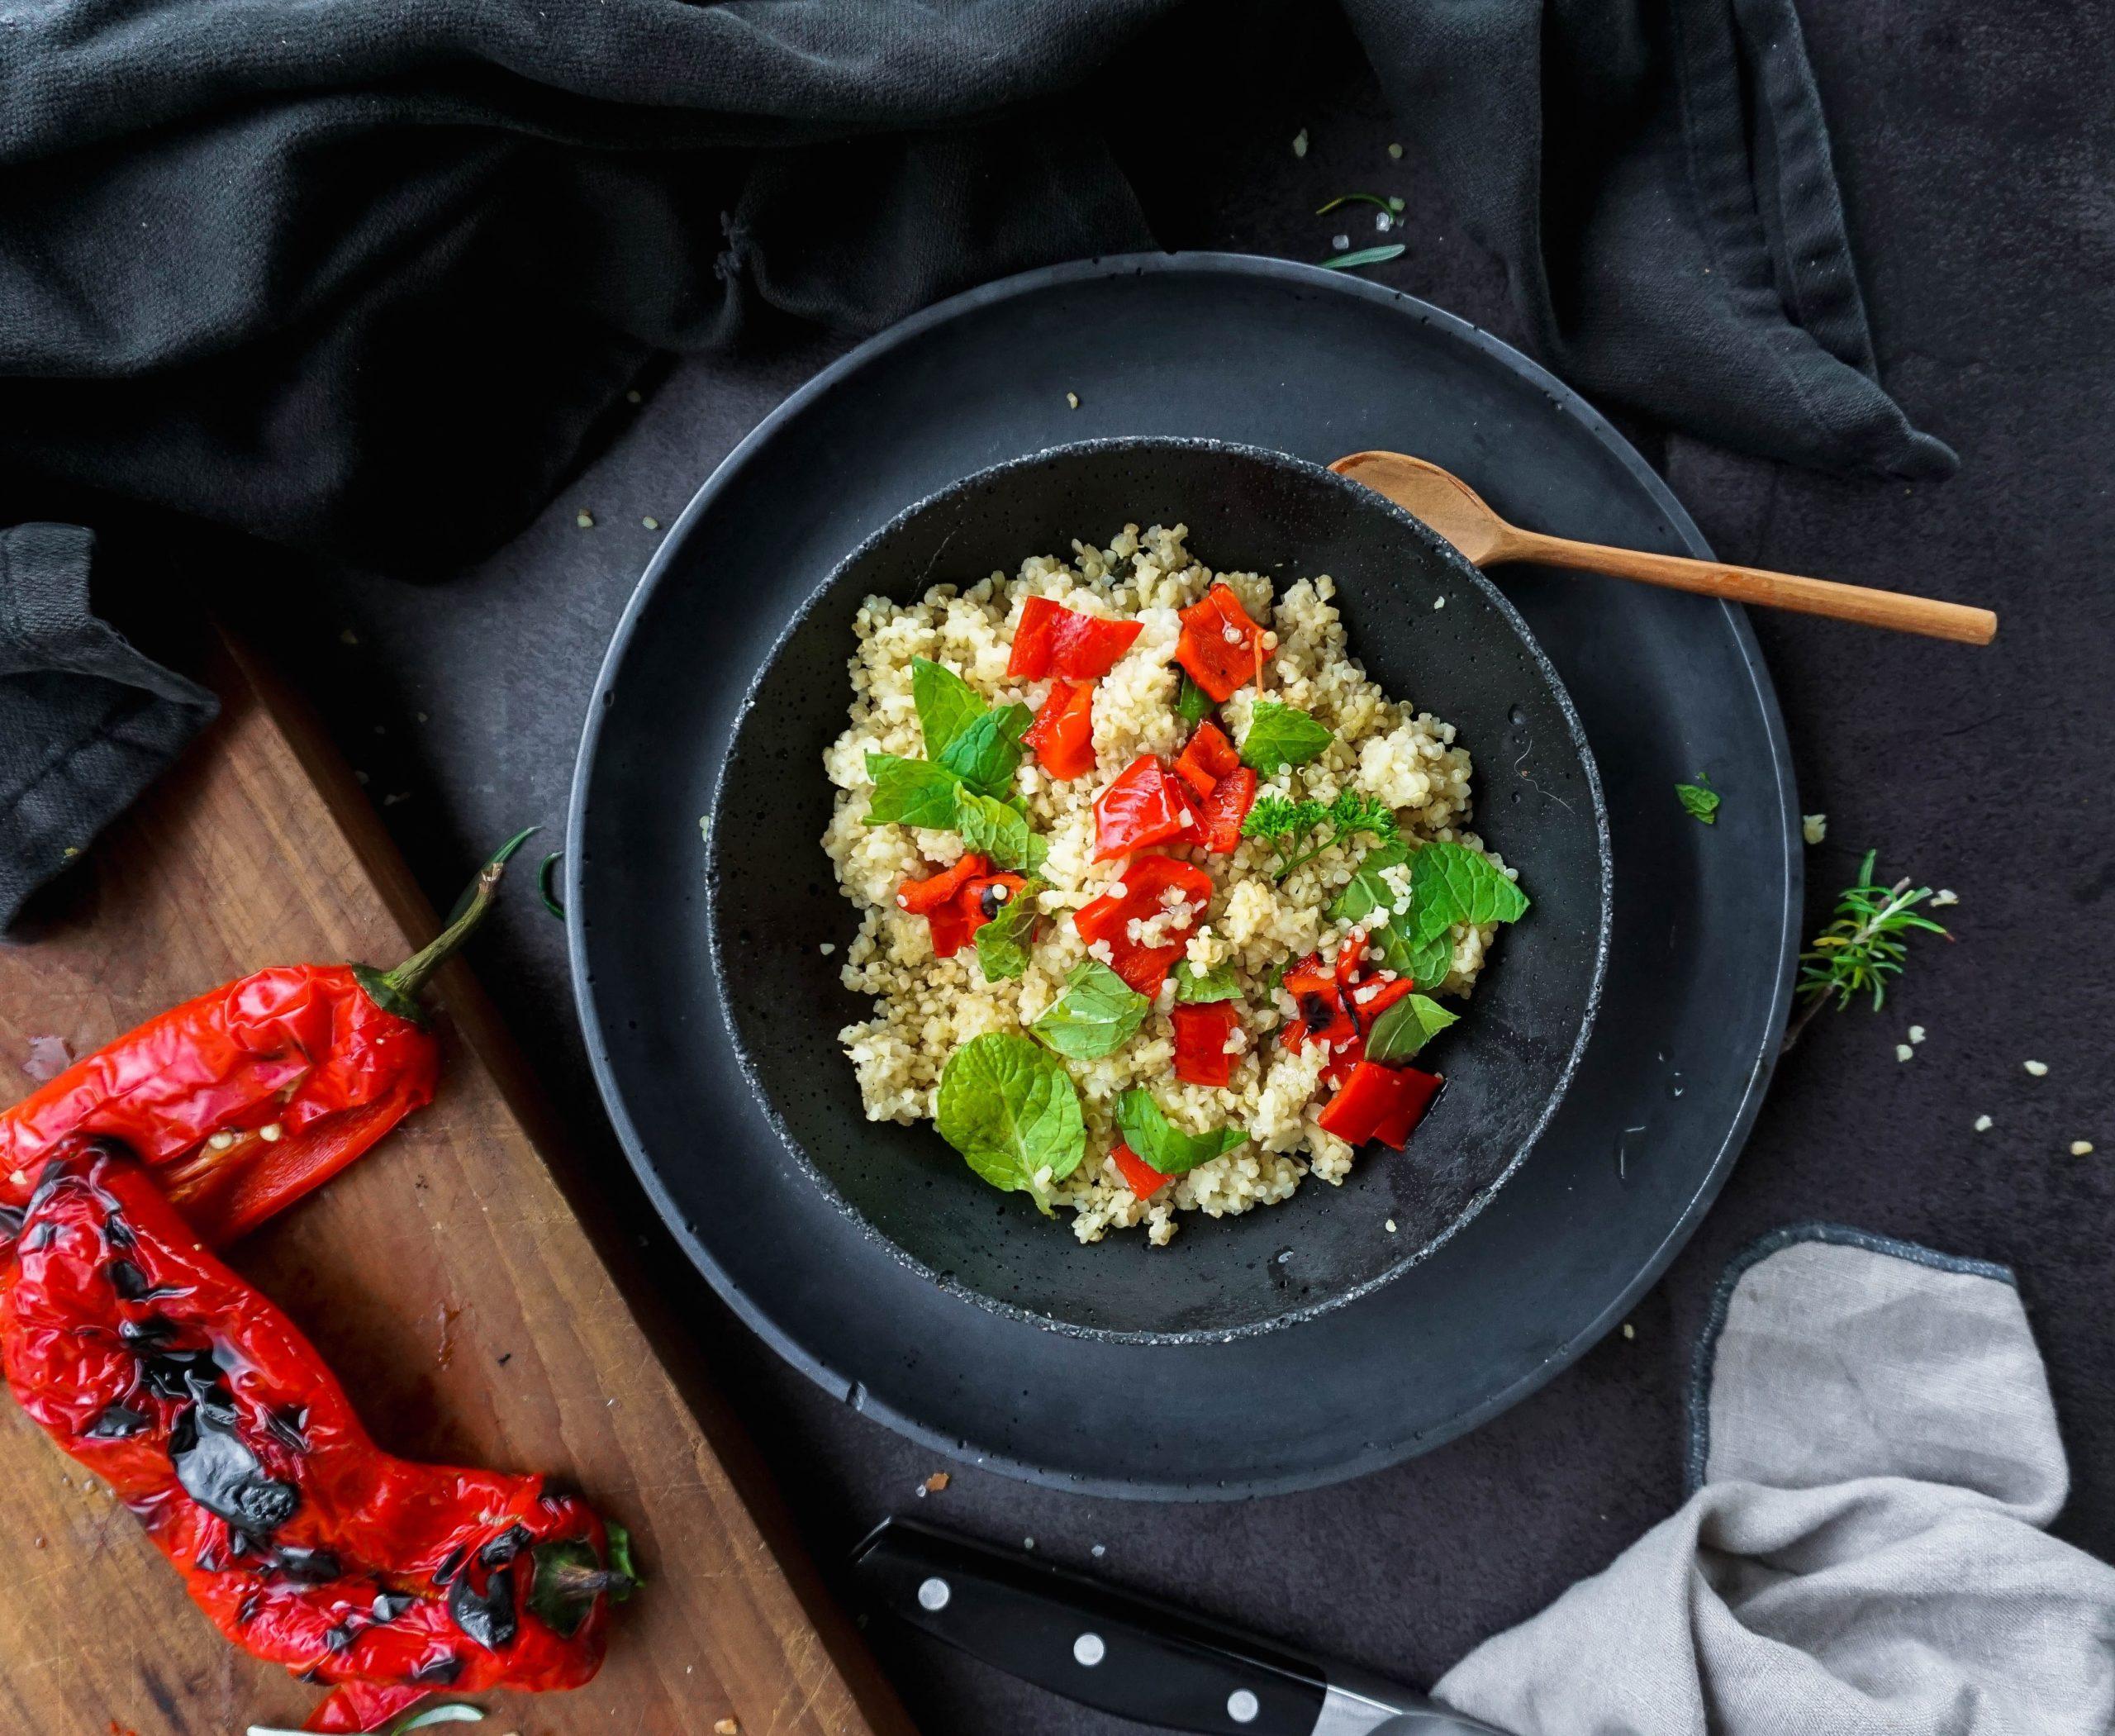 Zdrowie i uroda - Co warto wiedzieć o komosie ryżowej? 1